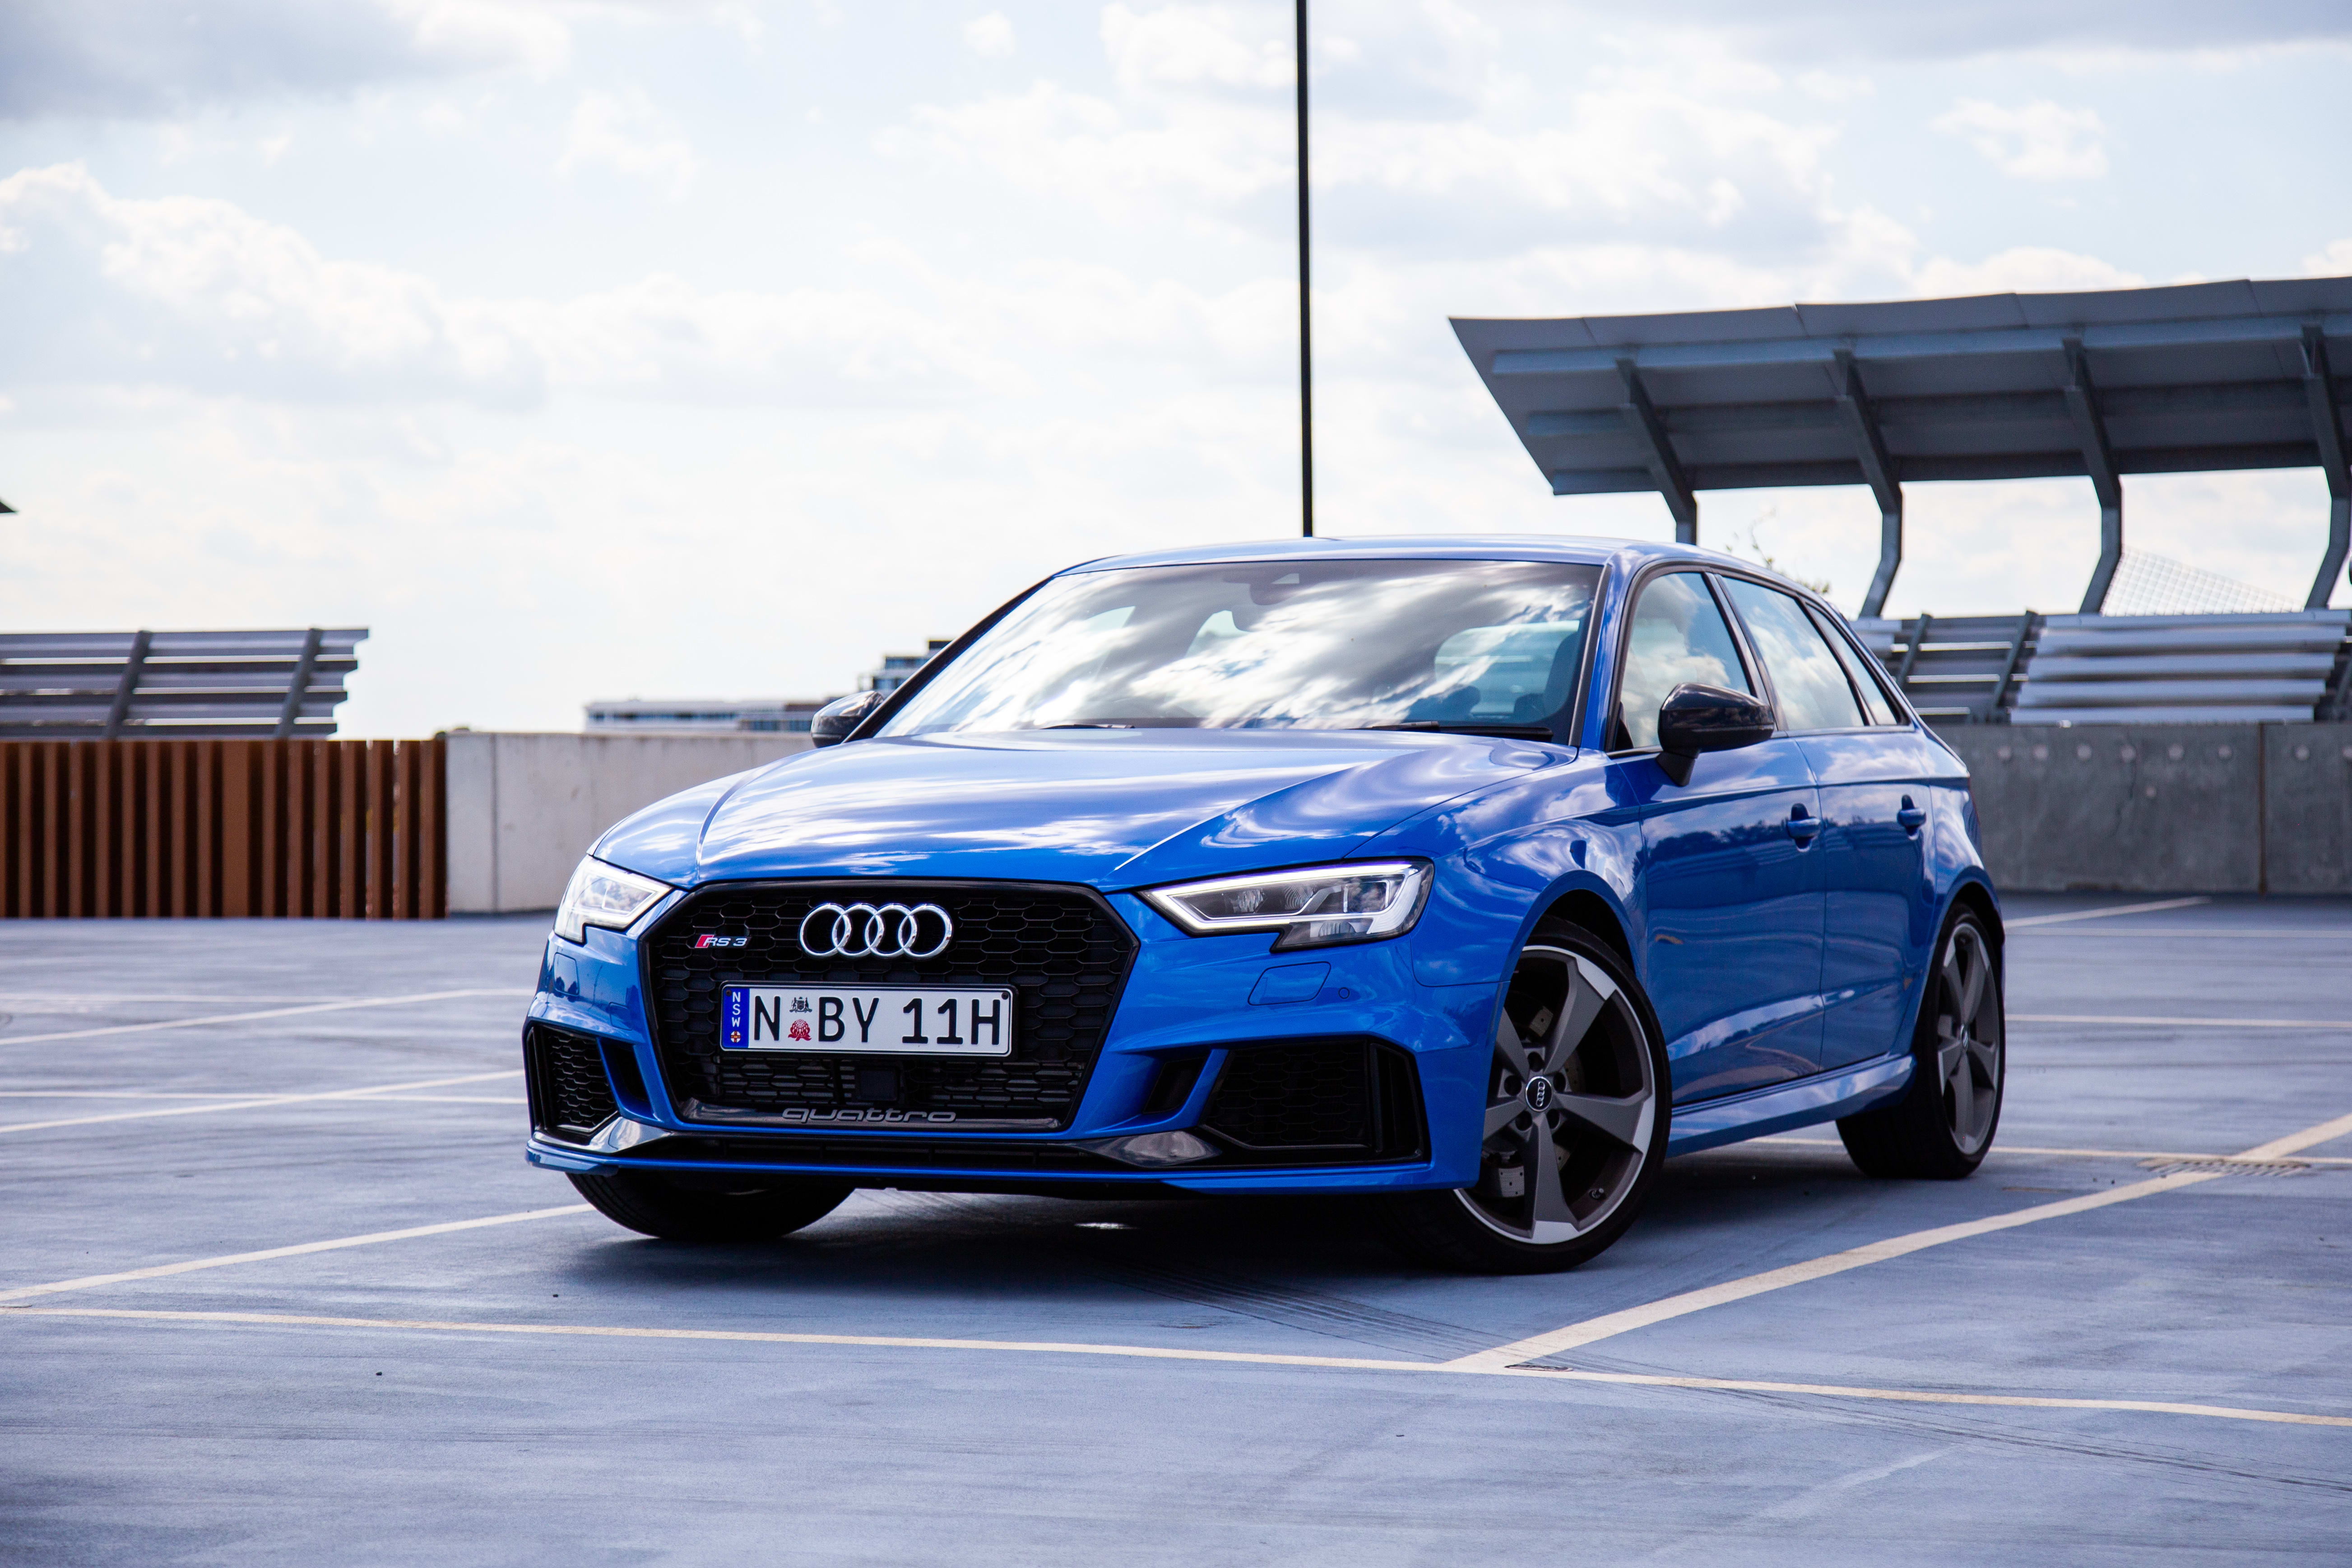 2021 Audi RS3 long-term review